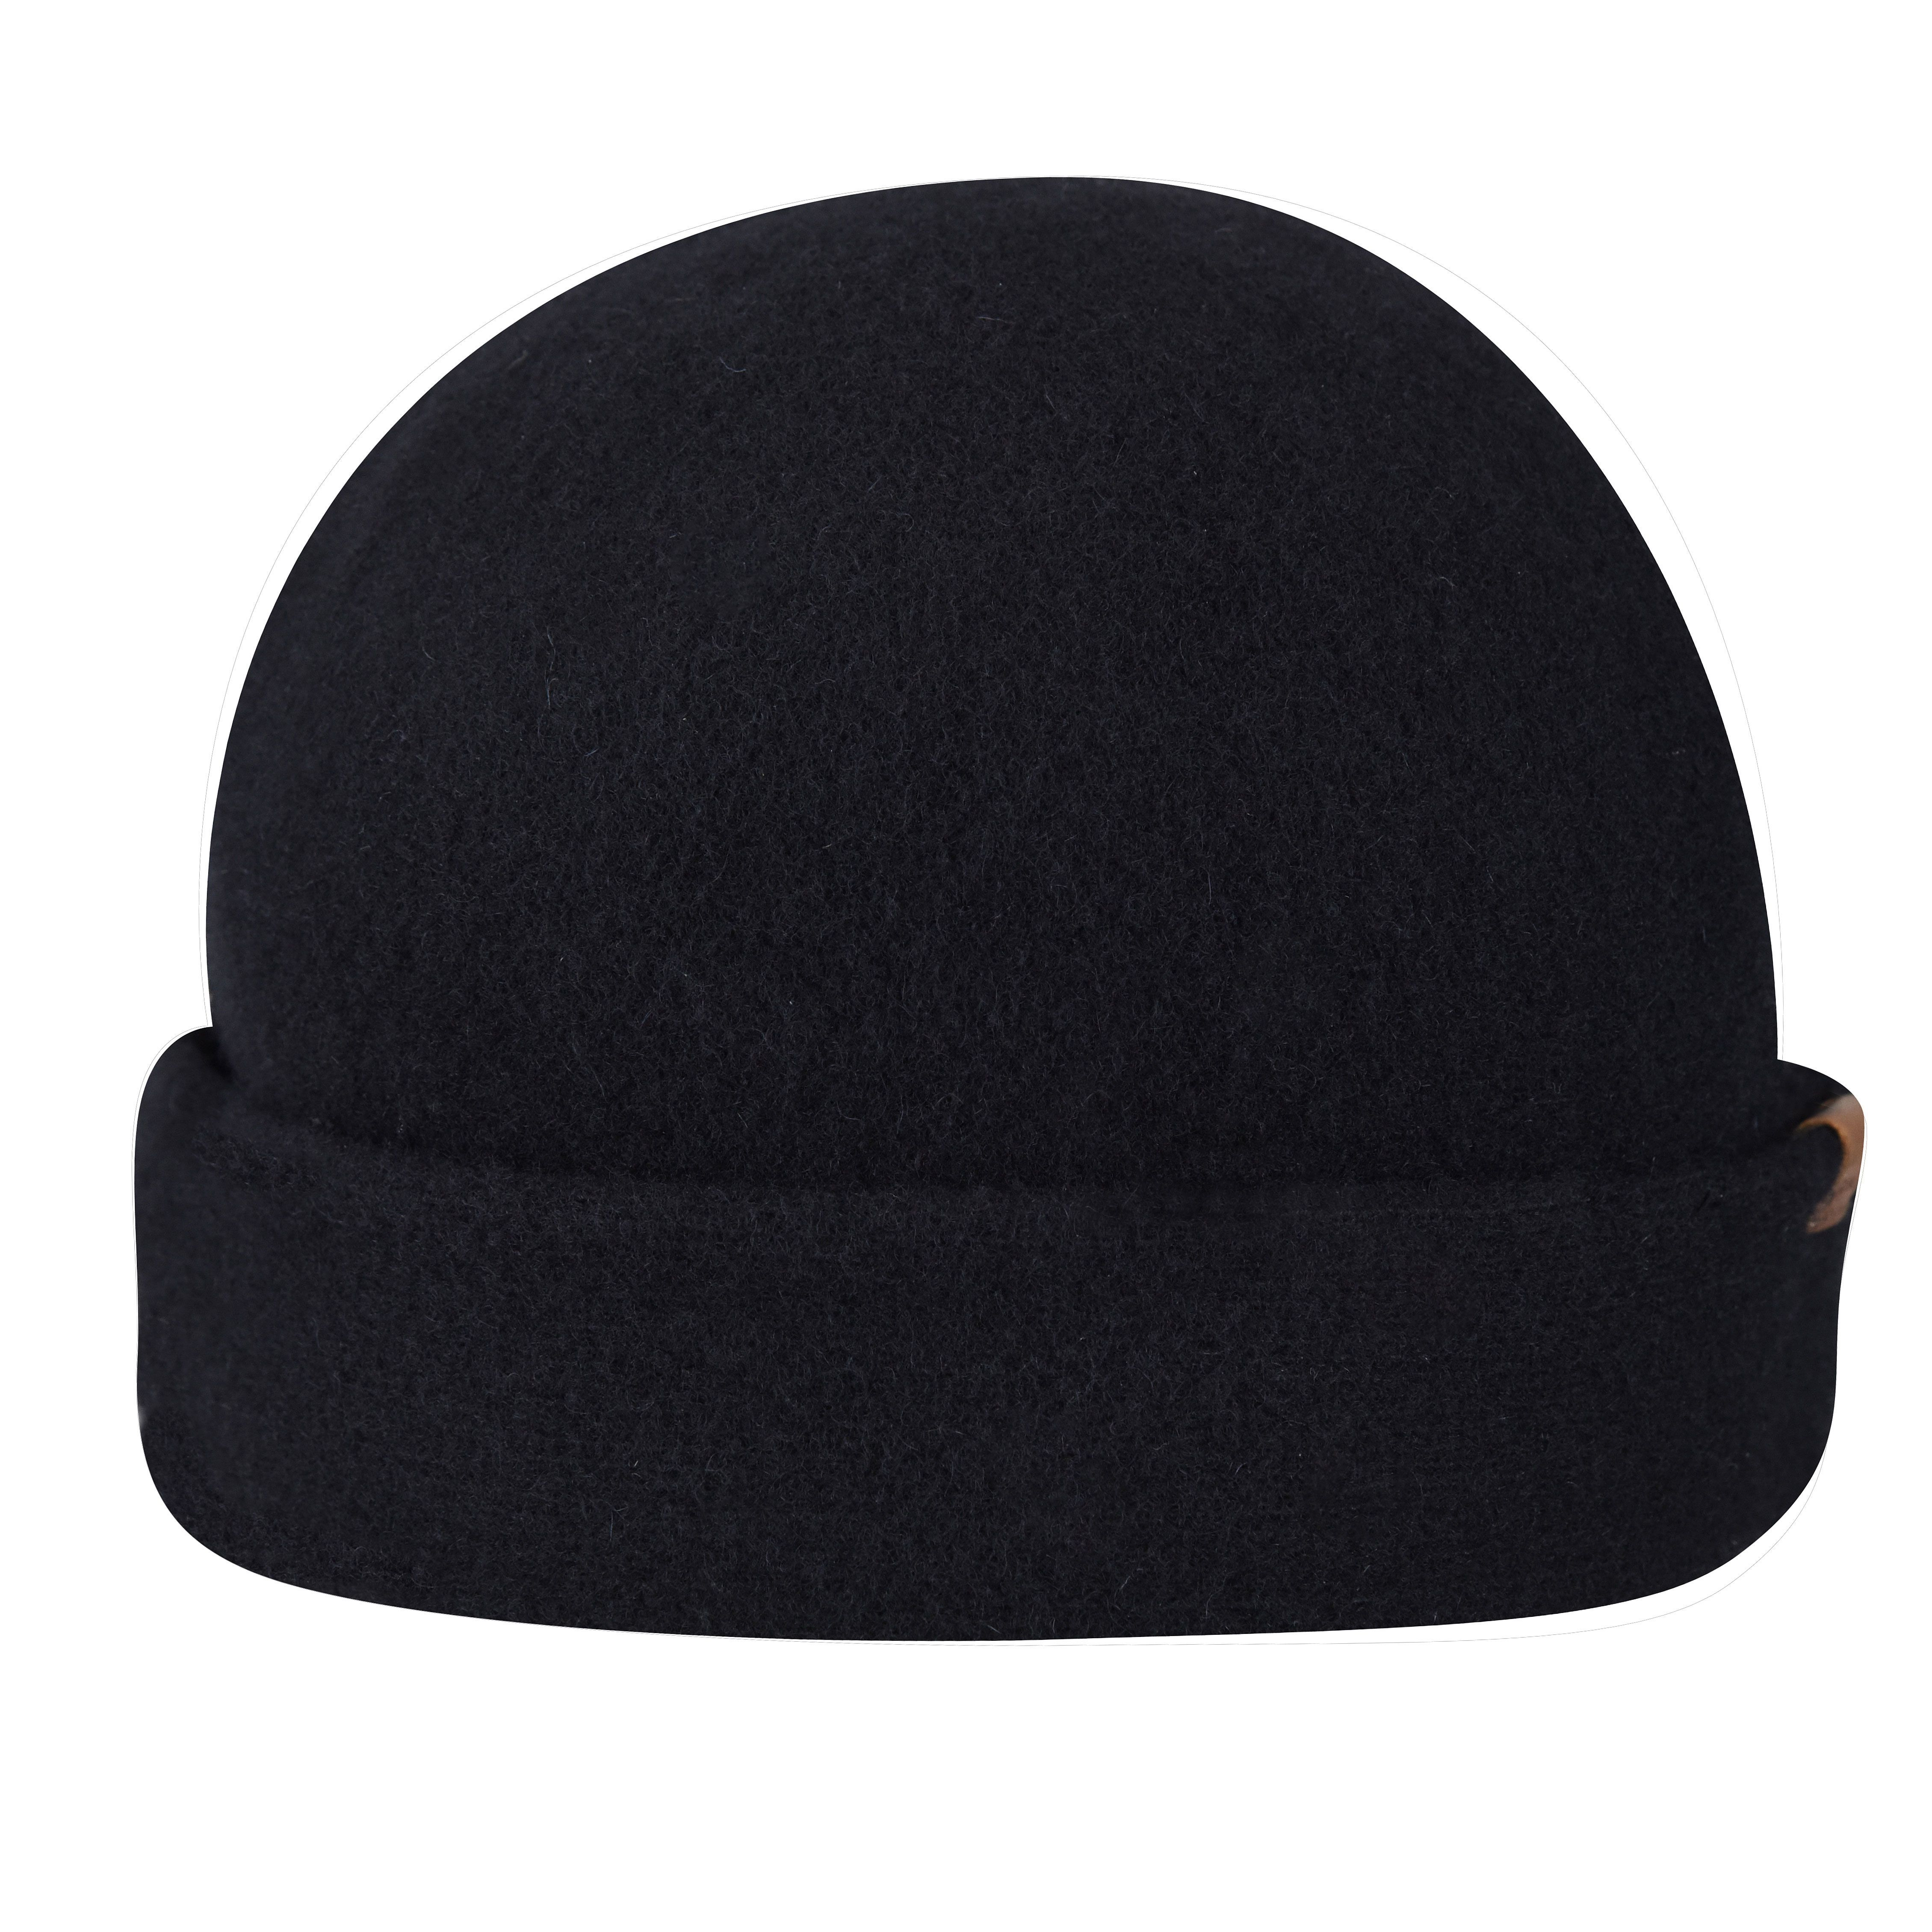 31cb80df2 Rock Art Rev Beanie | Beanie Hats | Rock Art, Beanie, Beanie hats